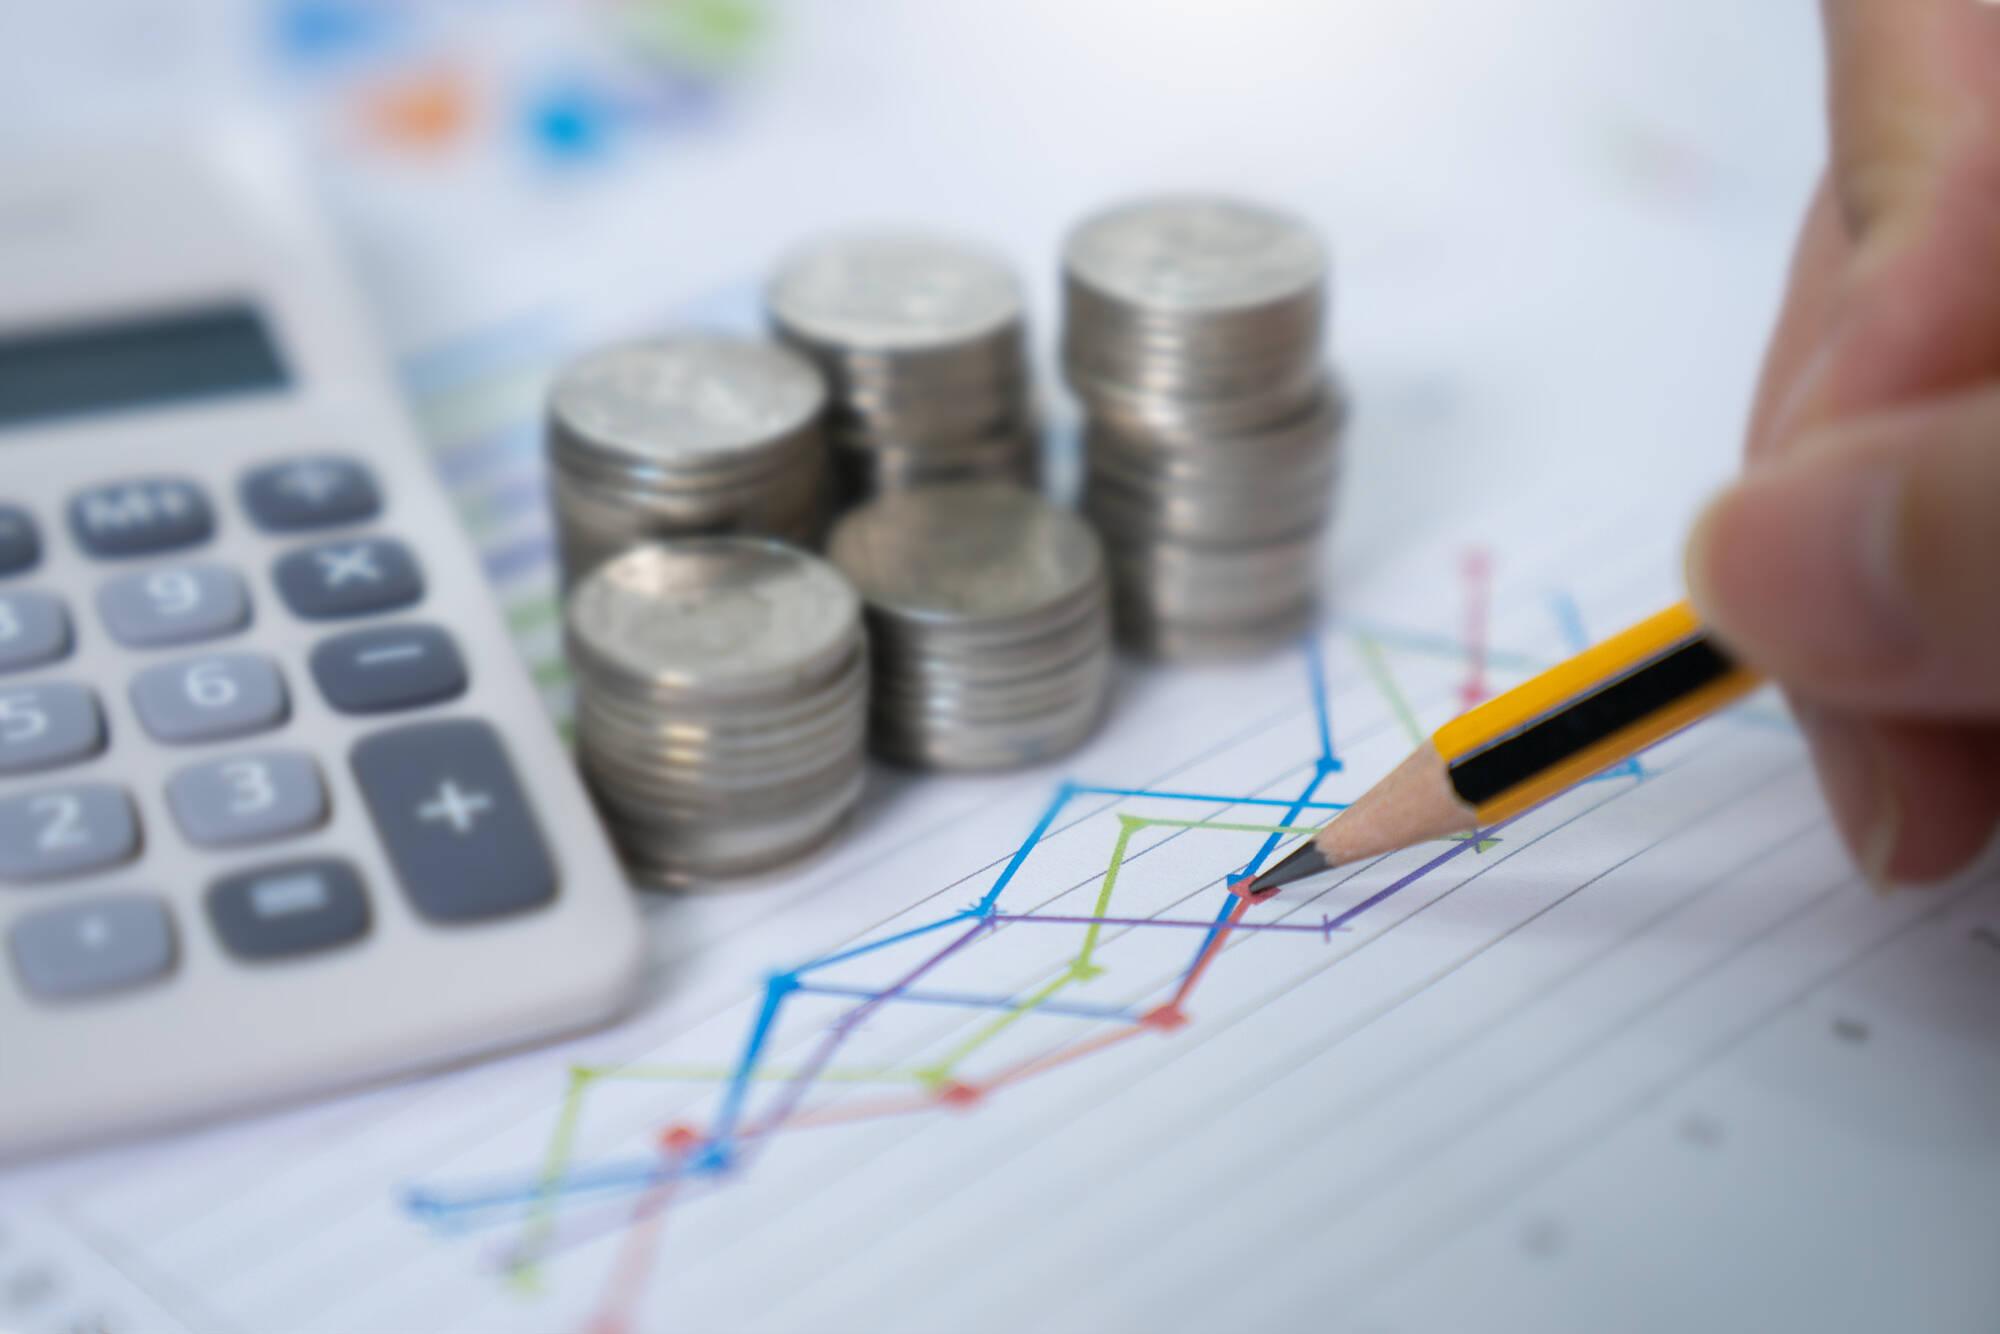 2021年二季度山东677家企业获科技成果转化贷款 实际发放超30亿元